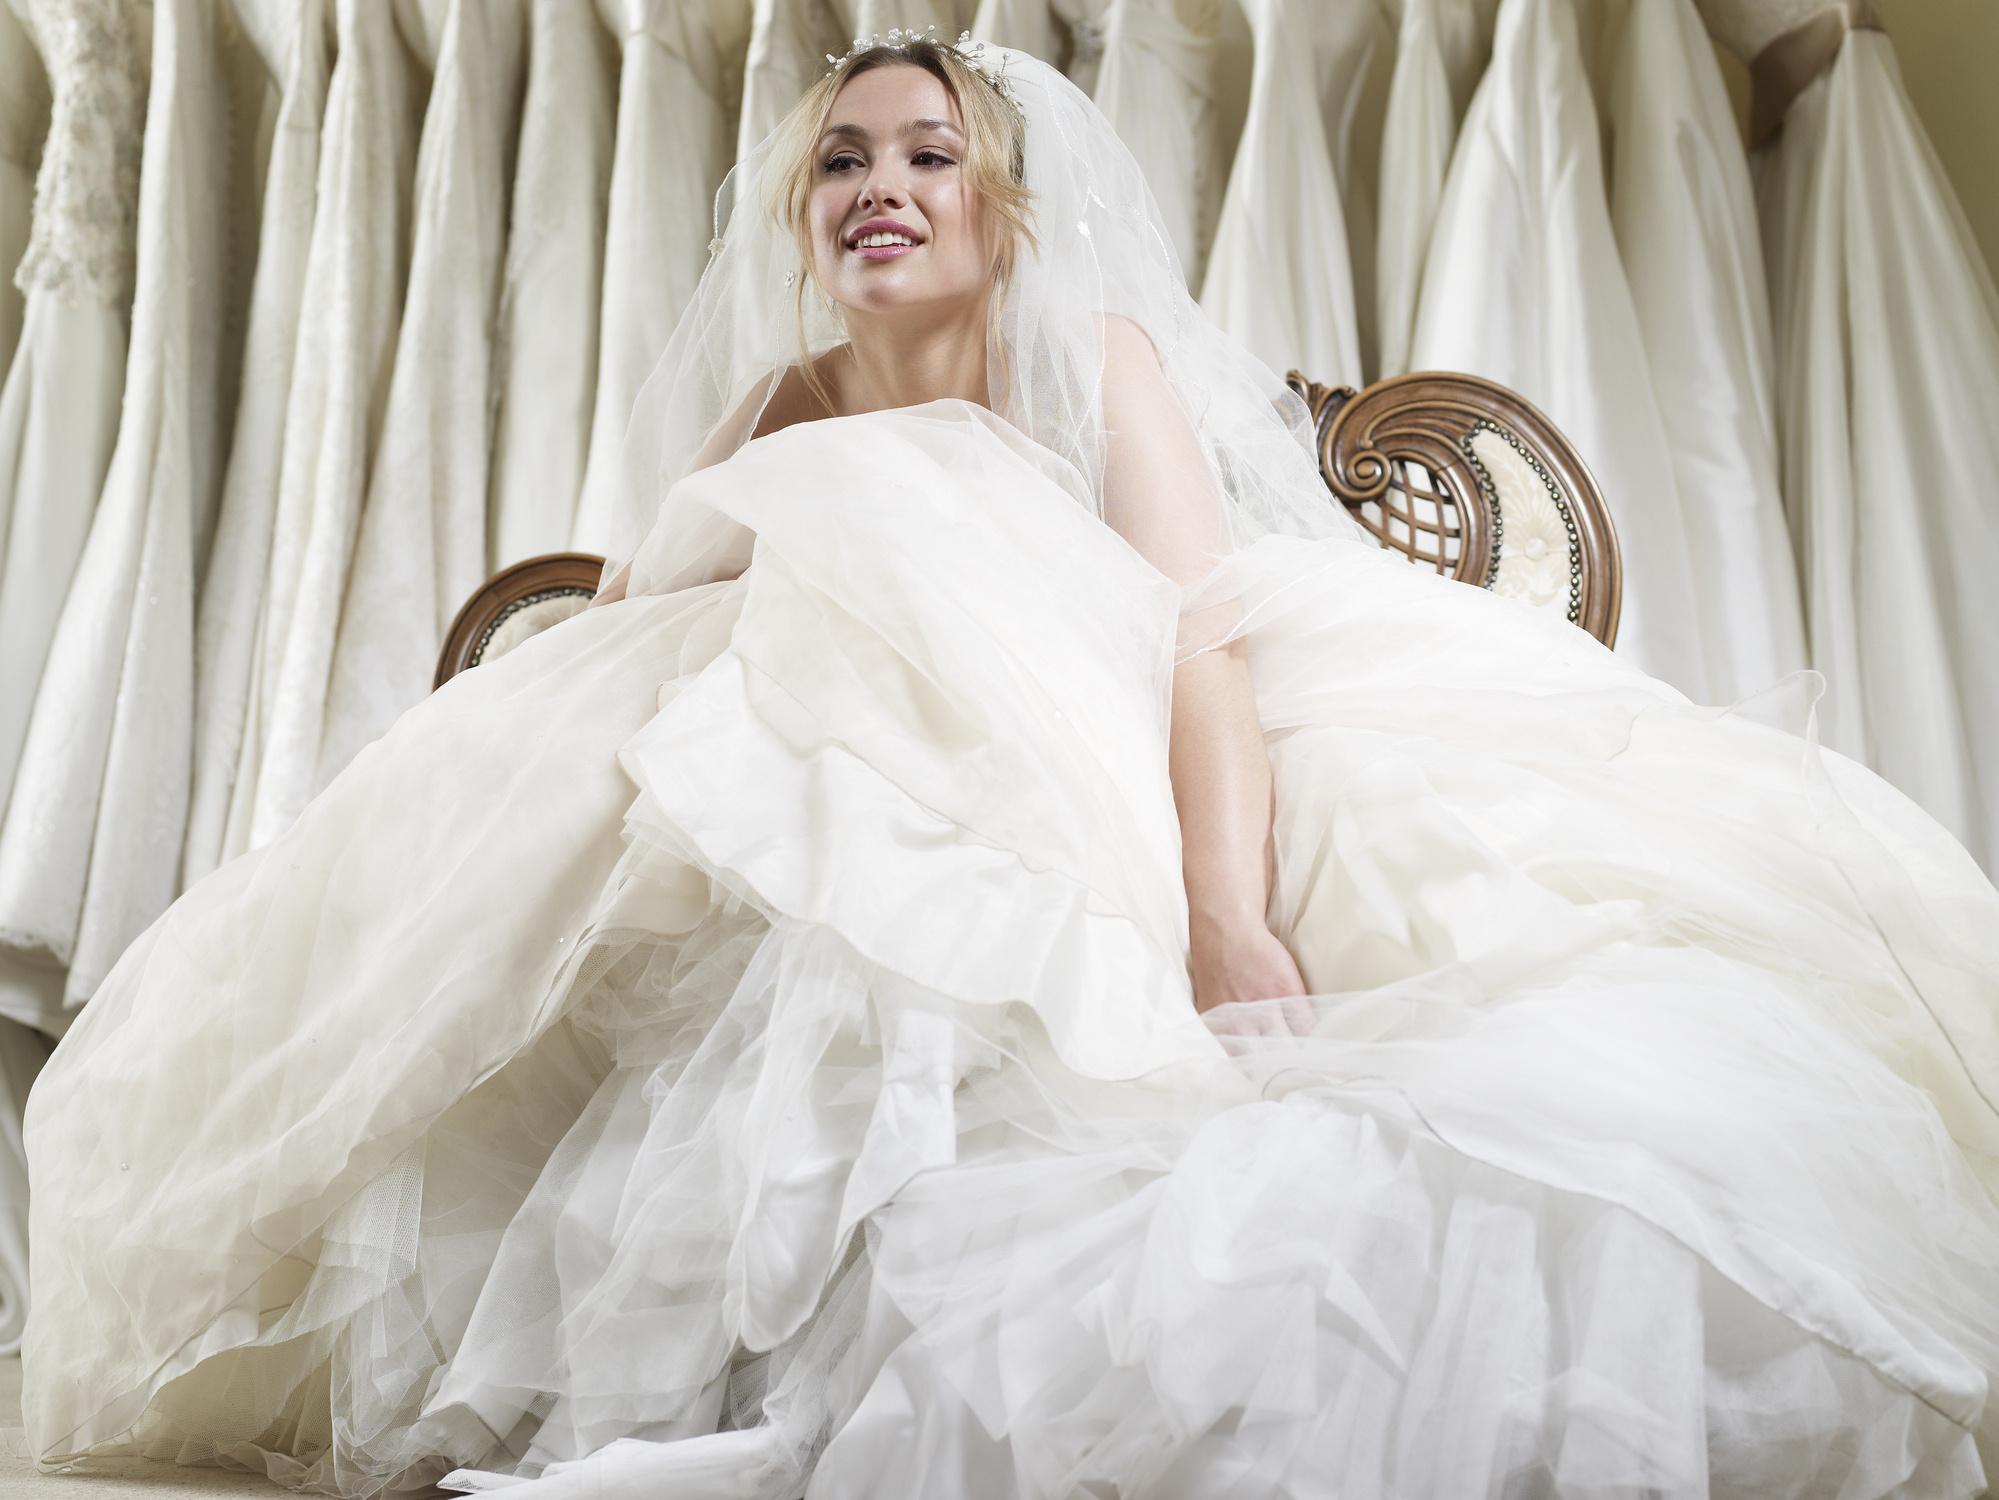 Сшить себе свадебное платье во сне